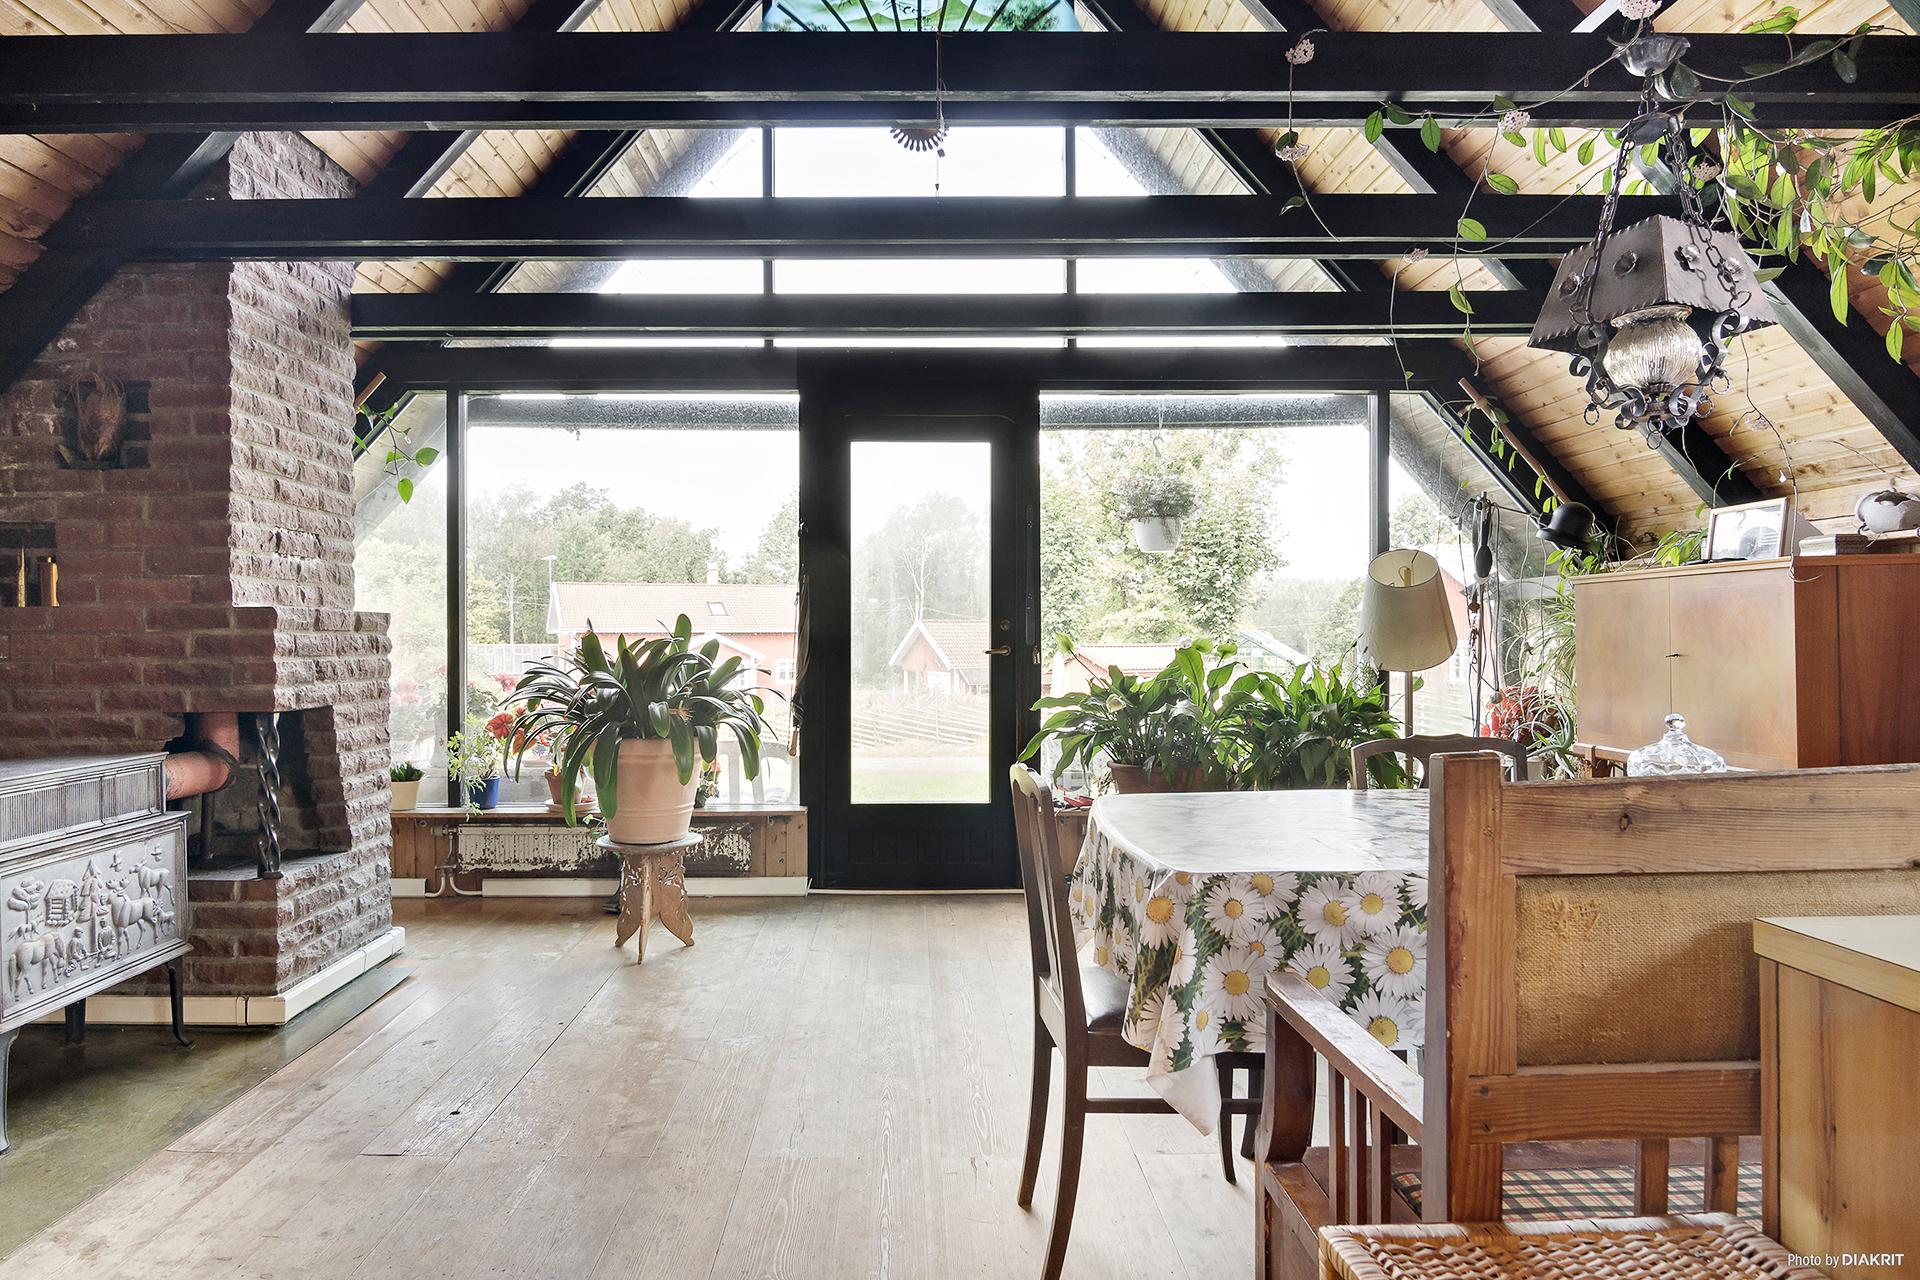 Vardagsrum och kök i öppen planlösning med entré